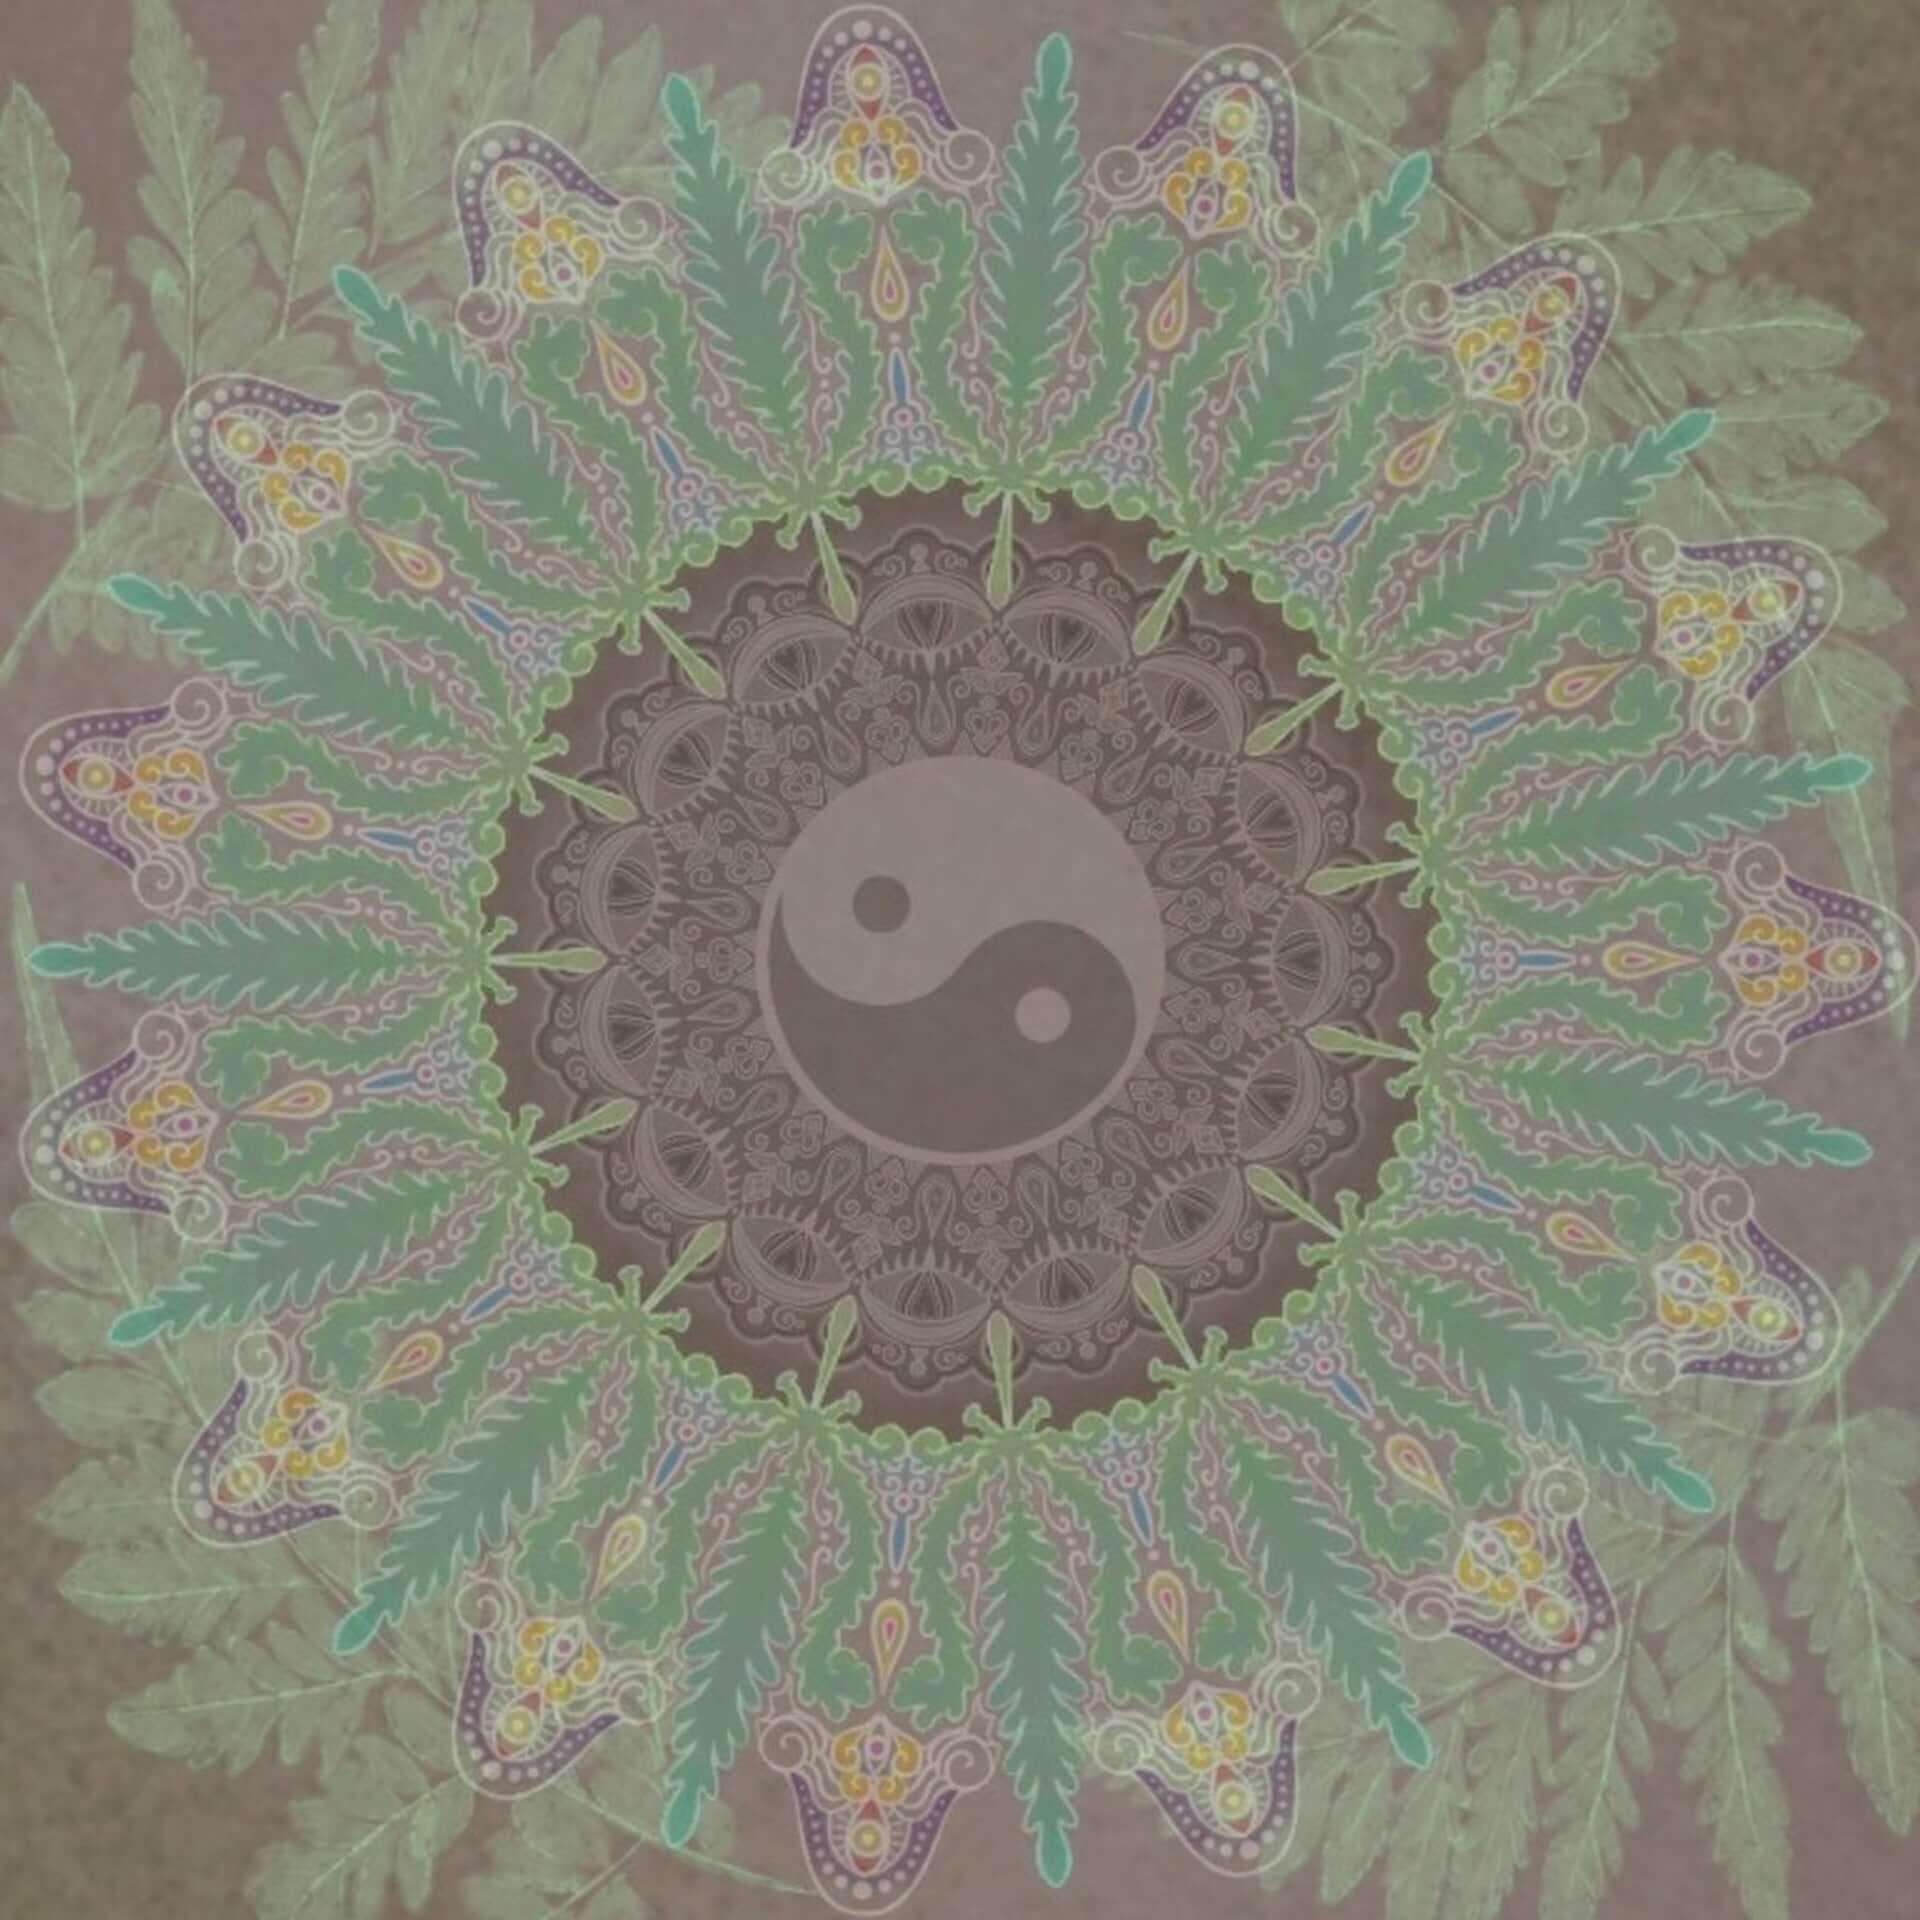 """OKBOY&Dogwoodsが最新EP『Bumpy/凸凹』をリリース!Stellaeyesプロデュースの収録曲""""yungcorn""""のMVも解禁 music200721_okboy-dogwoods_2-1920x1920"""